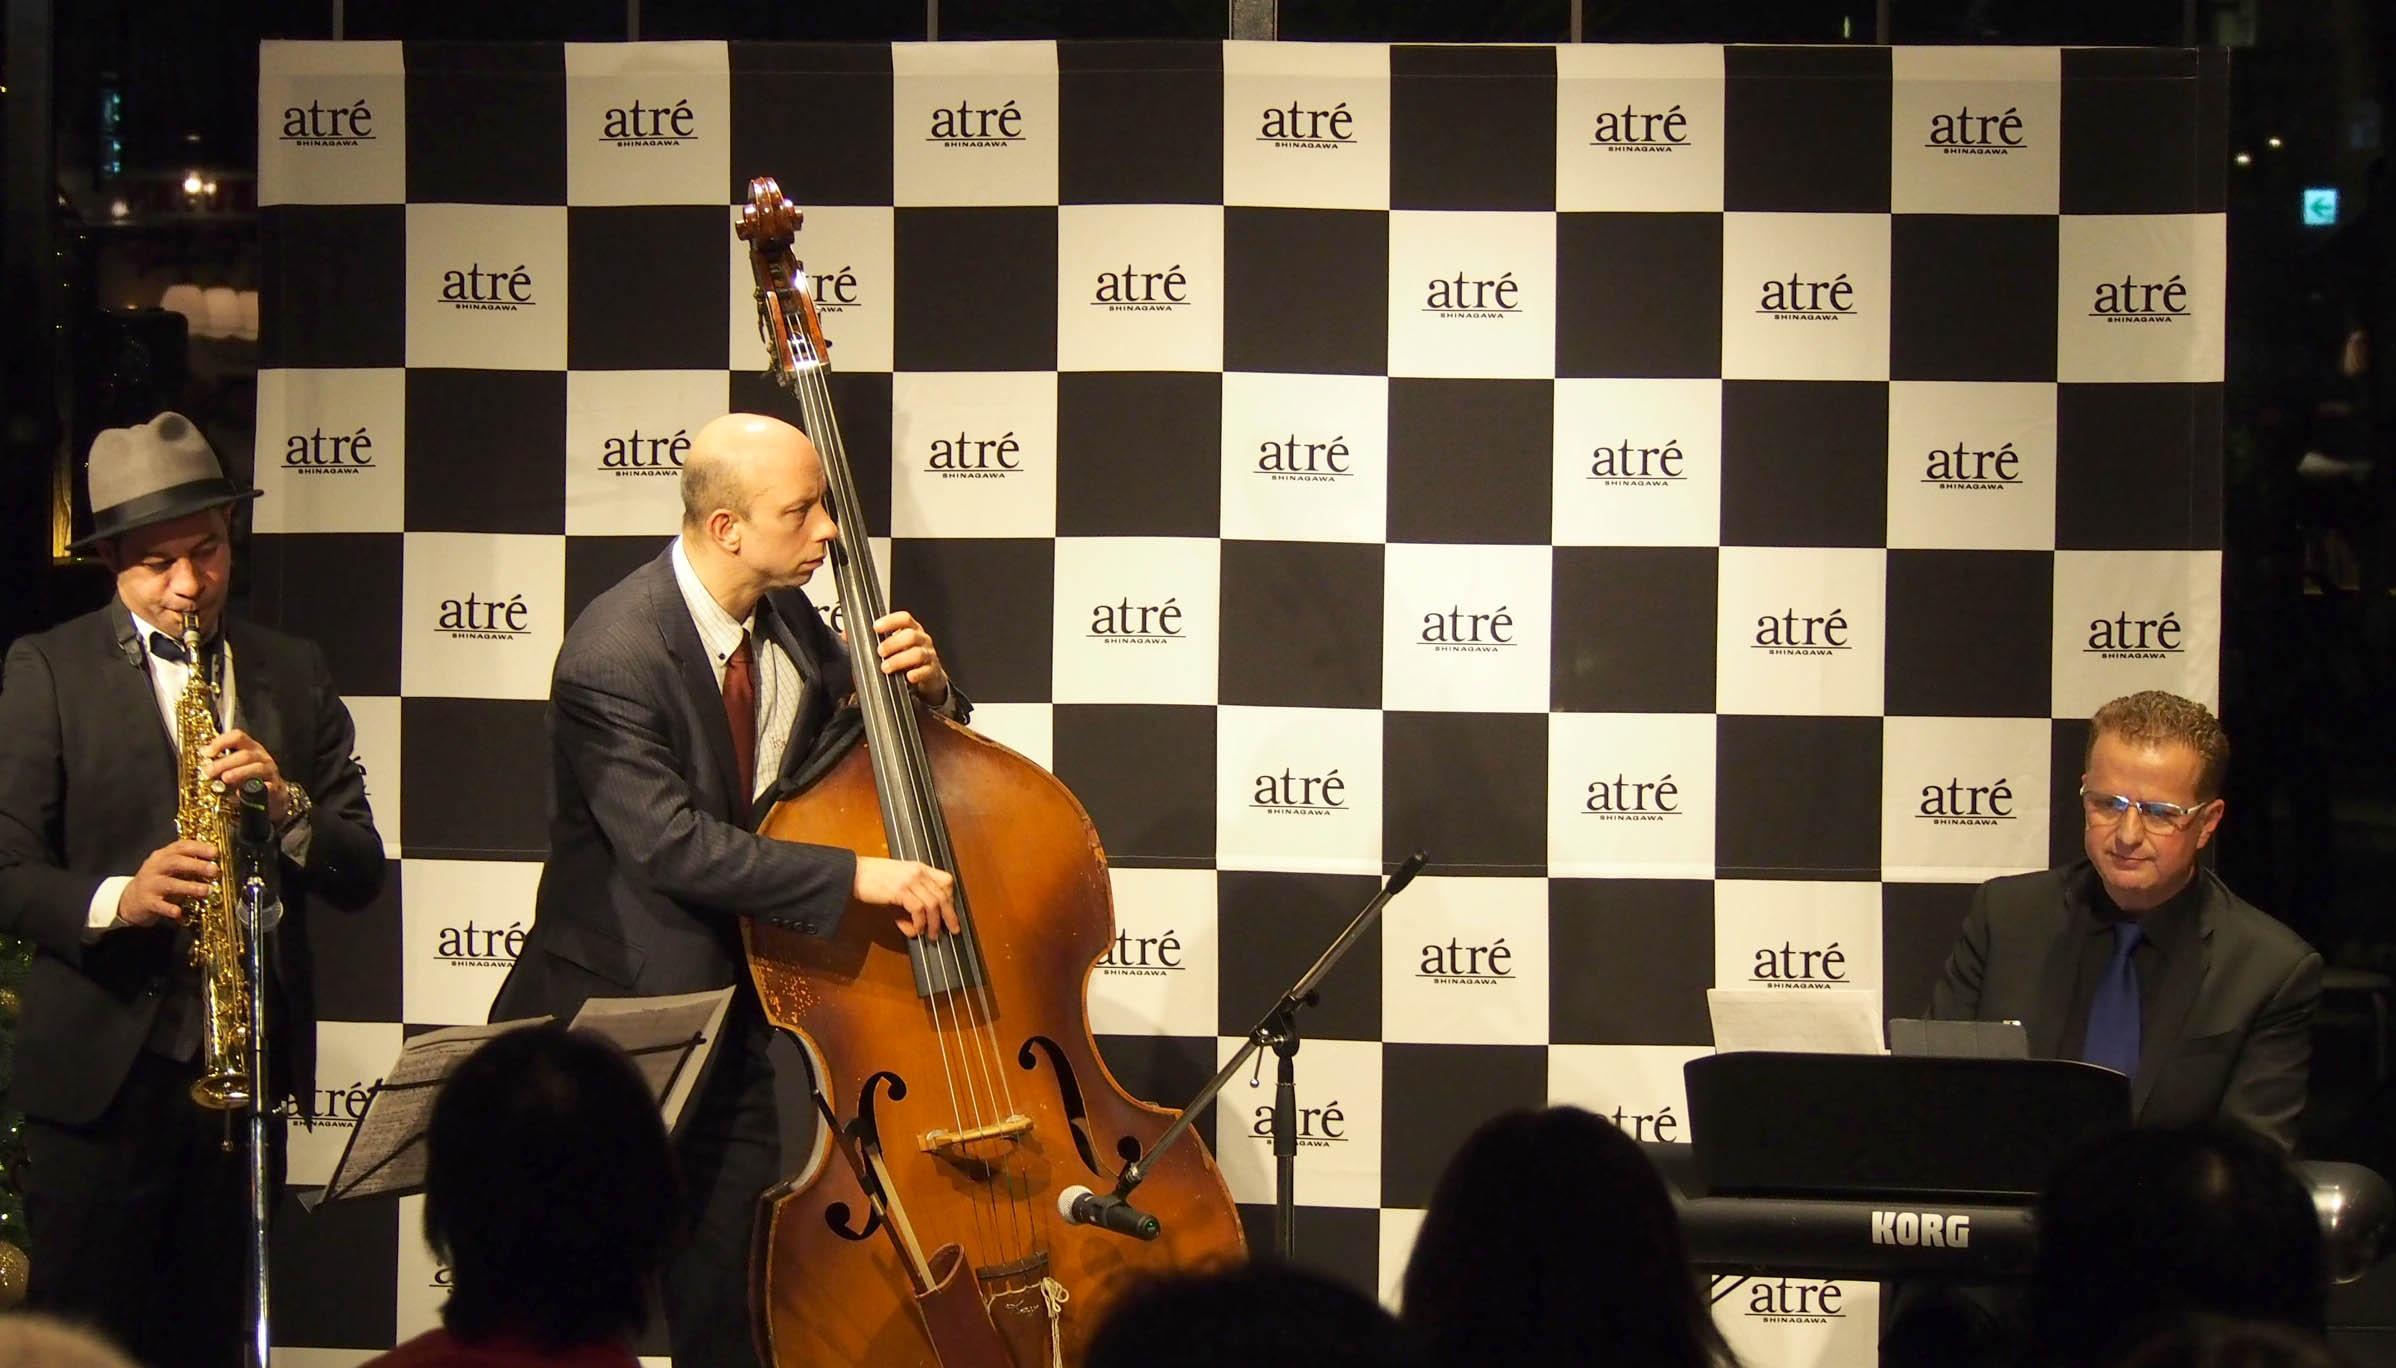 外国人シンガー・ミュージシャン アカデミア Jazz band の写真4